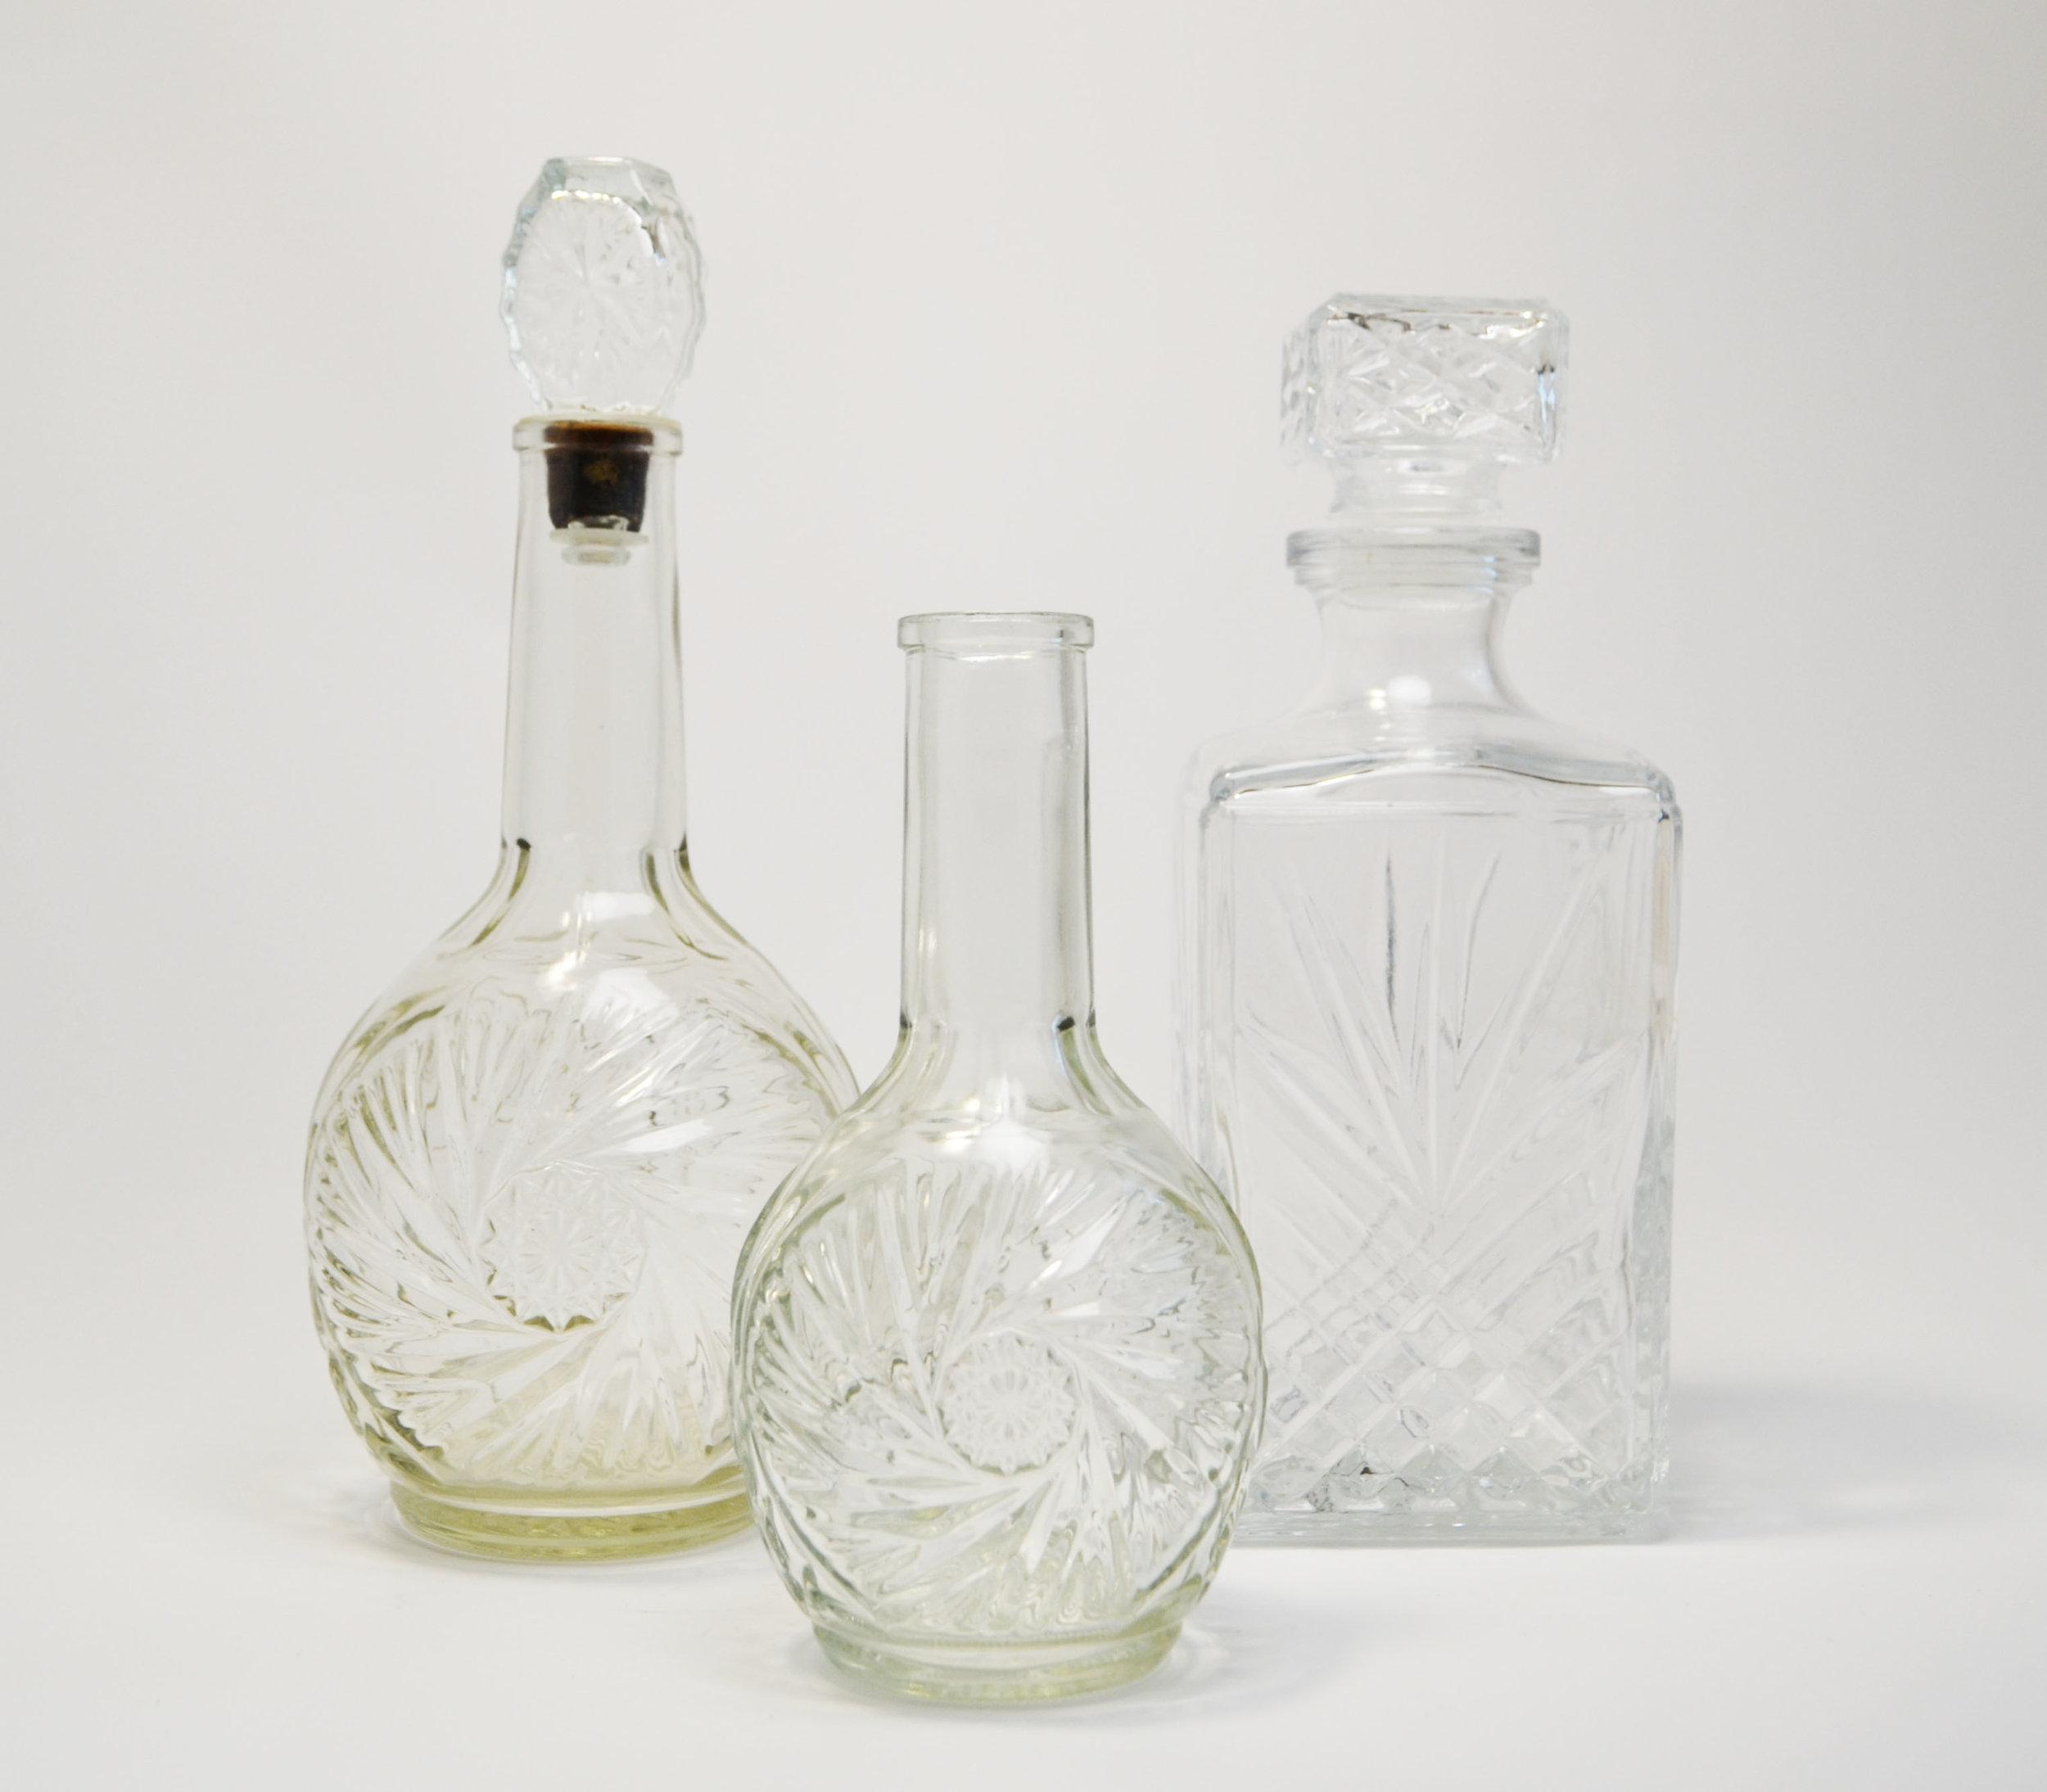 square decanter - medium   Quantity: 11  Price: $7.50